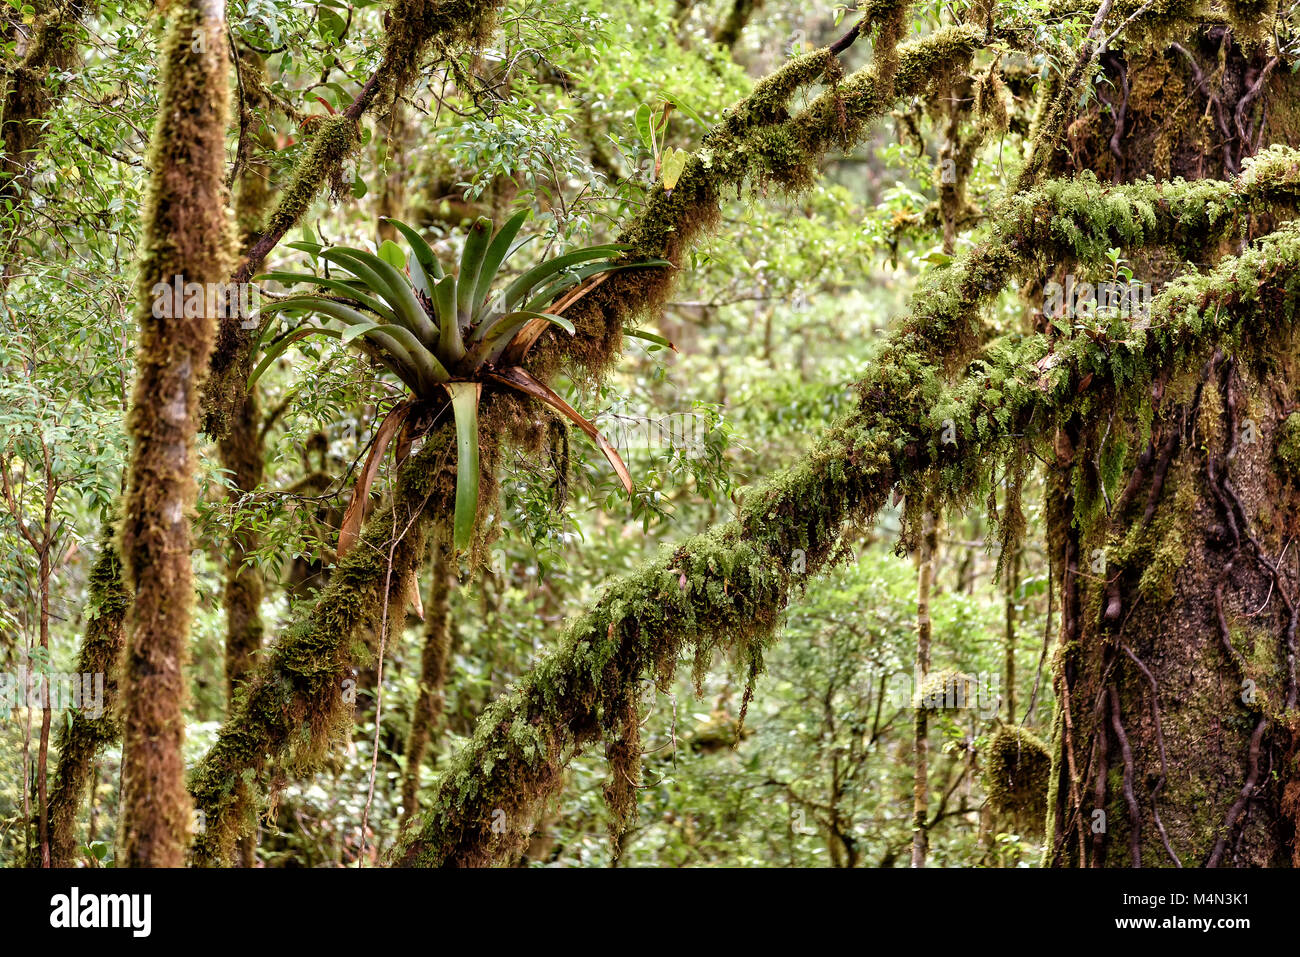 rainforest in Costa Rica, central america - Stock Image